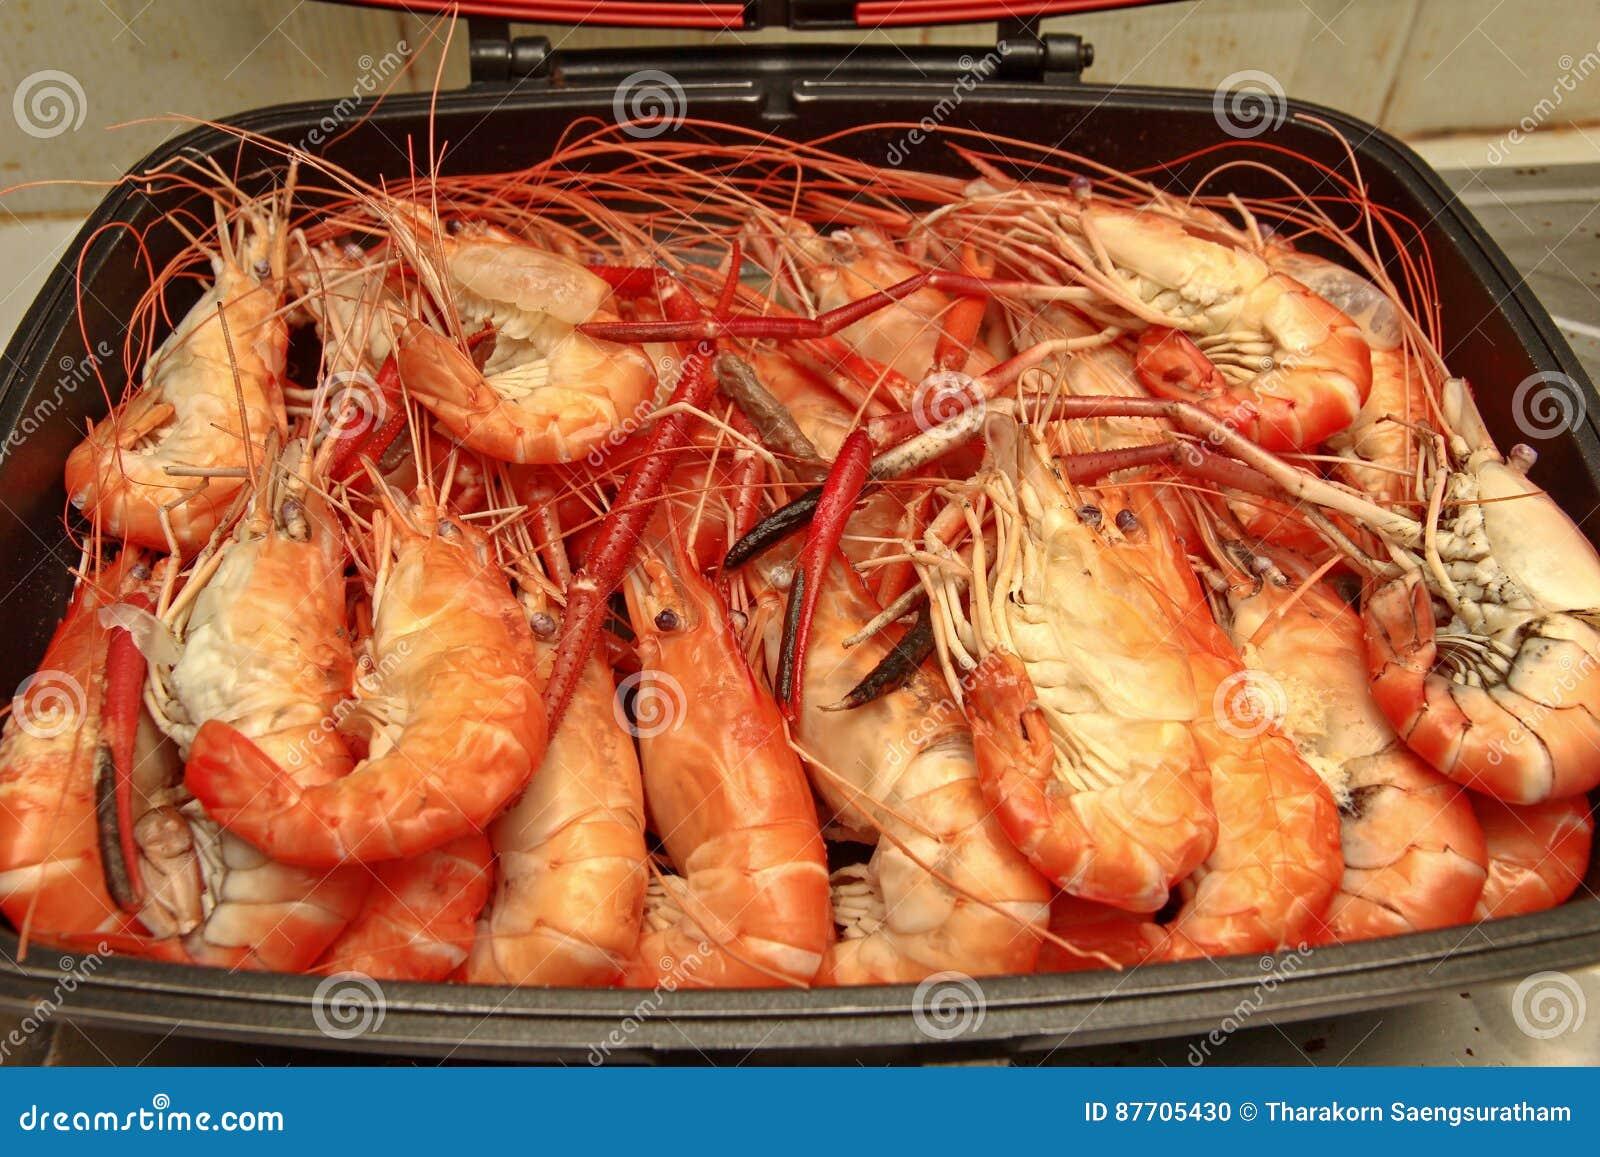 Préparez les grandes crevettes roses fraîches coulées dans la casserole